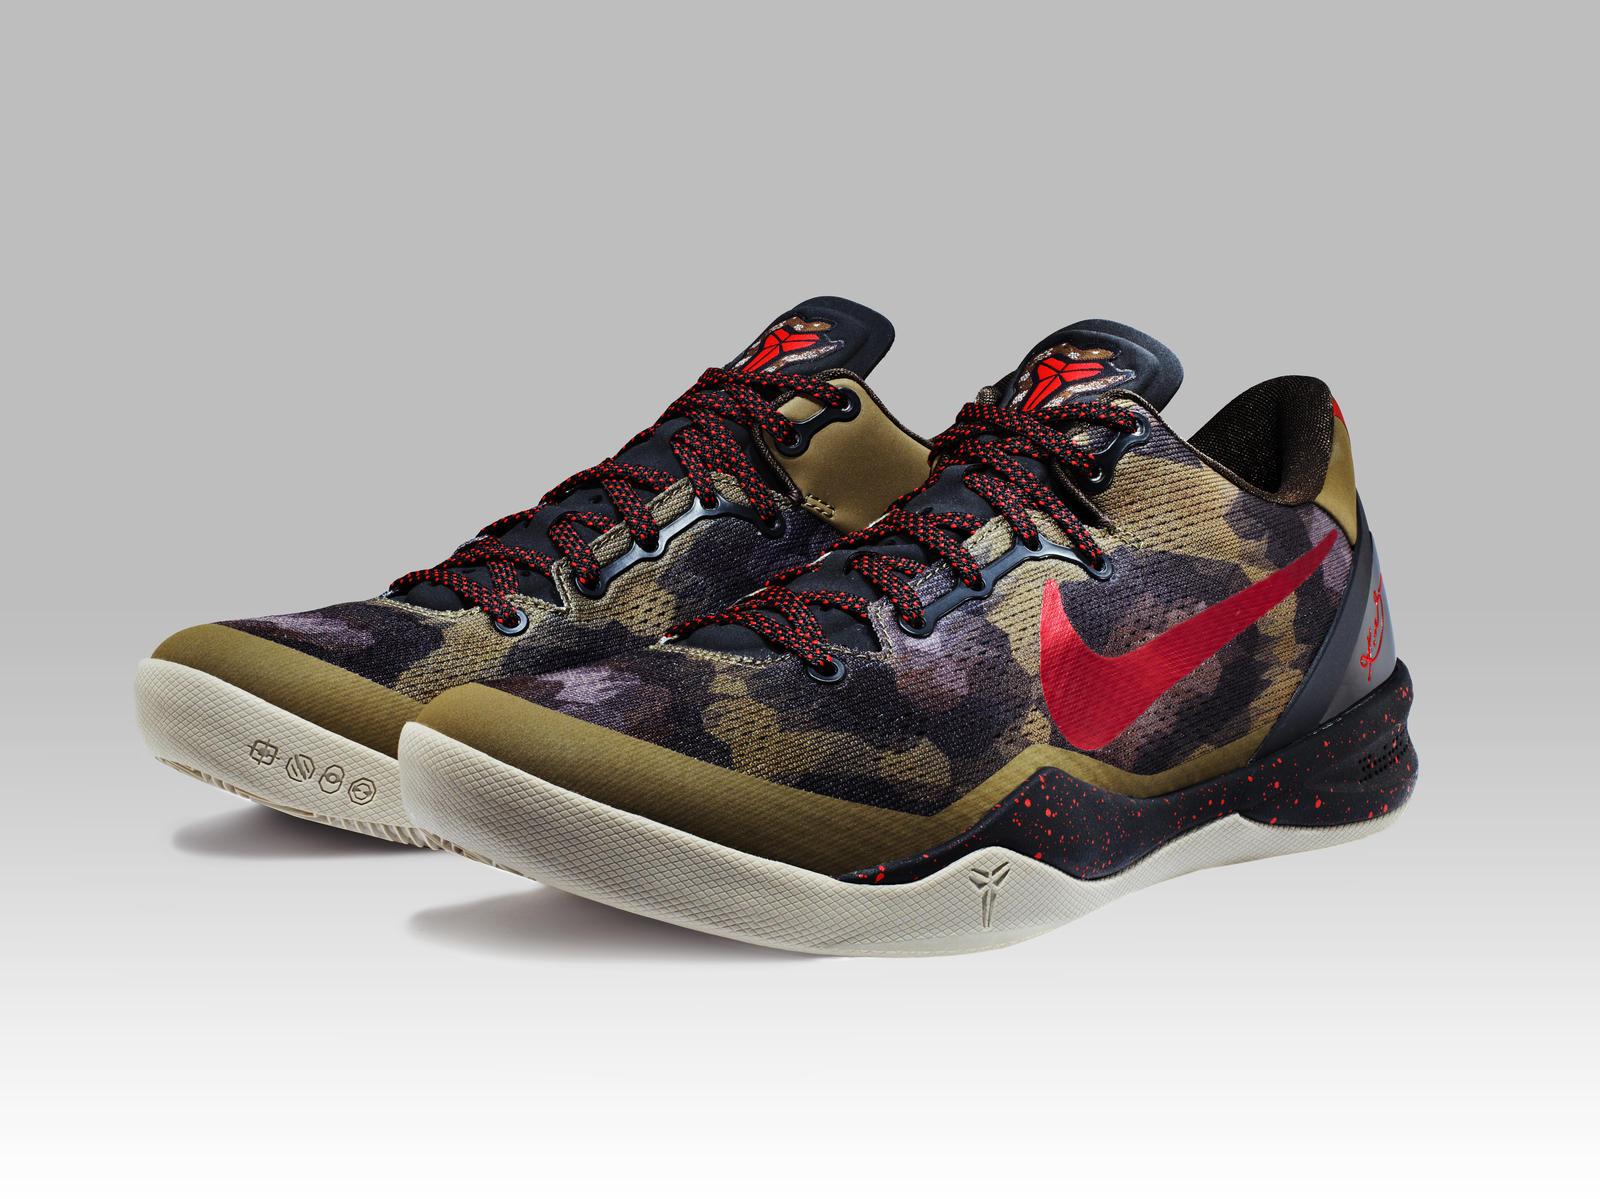 Amazon Basketball Shoes